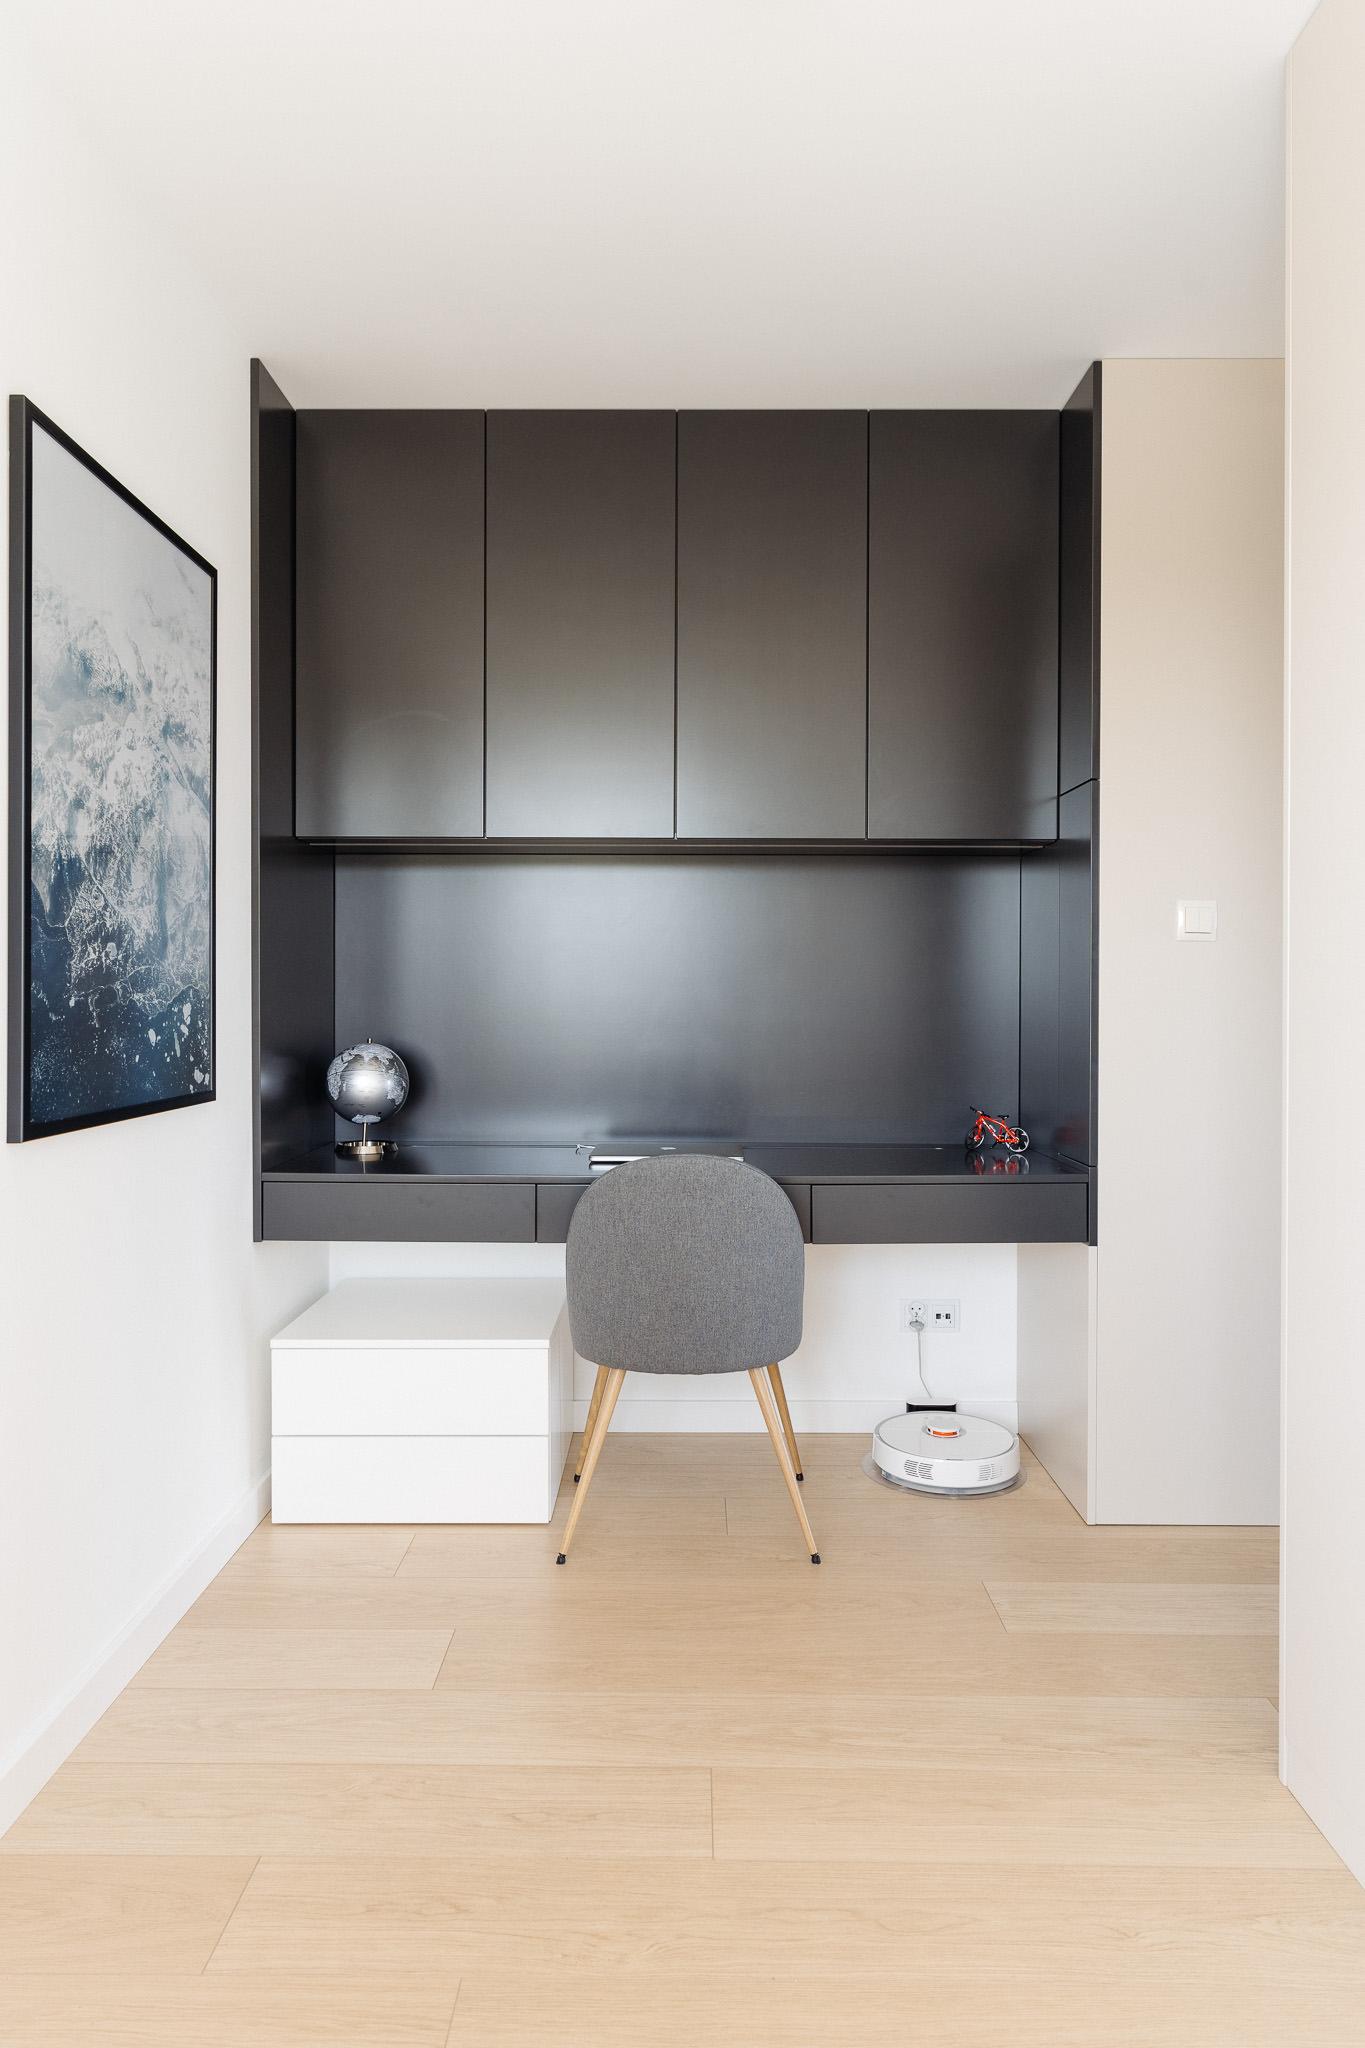 11 projketowanie wnetrz R105 mieszkanie Krakow biuro w domu zabudowa biurka ukryte pomieszczenie kacik do pracy